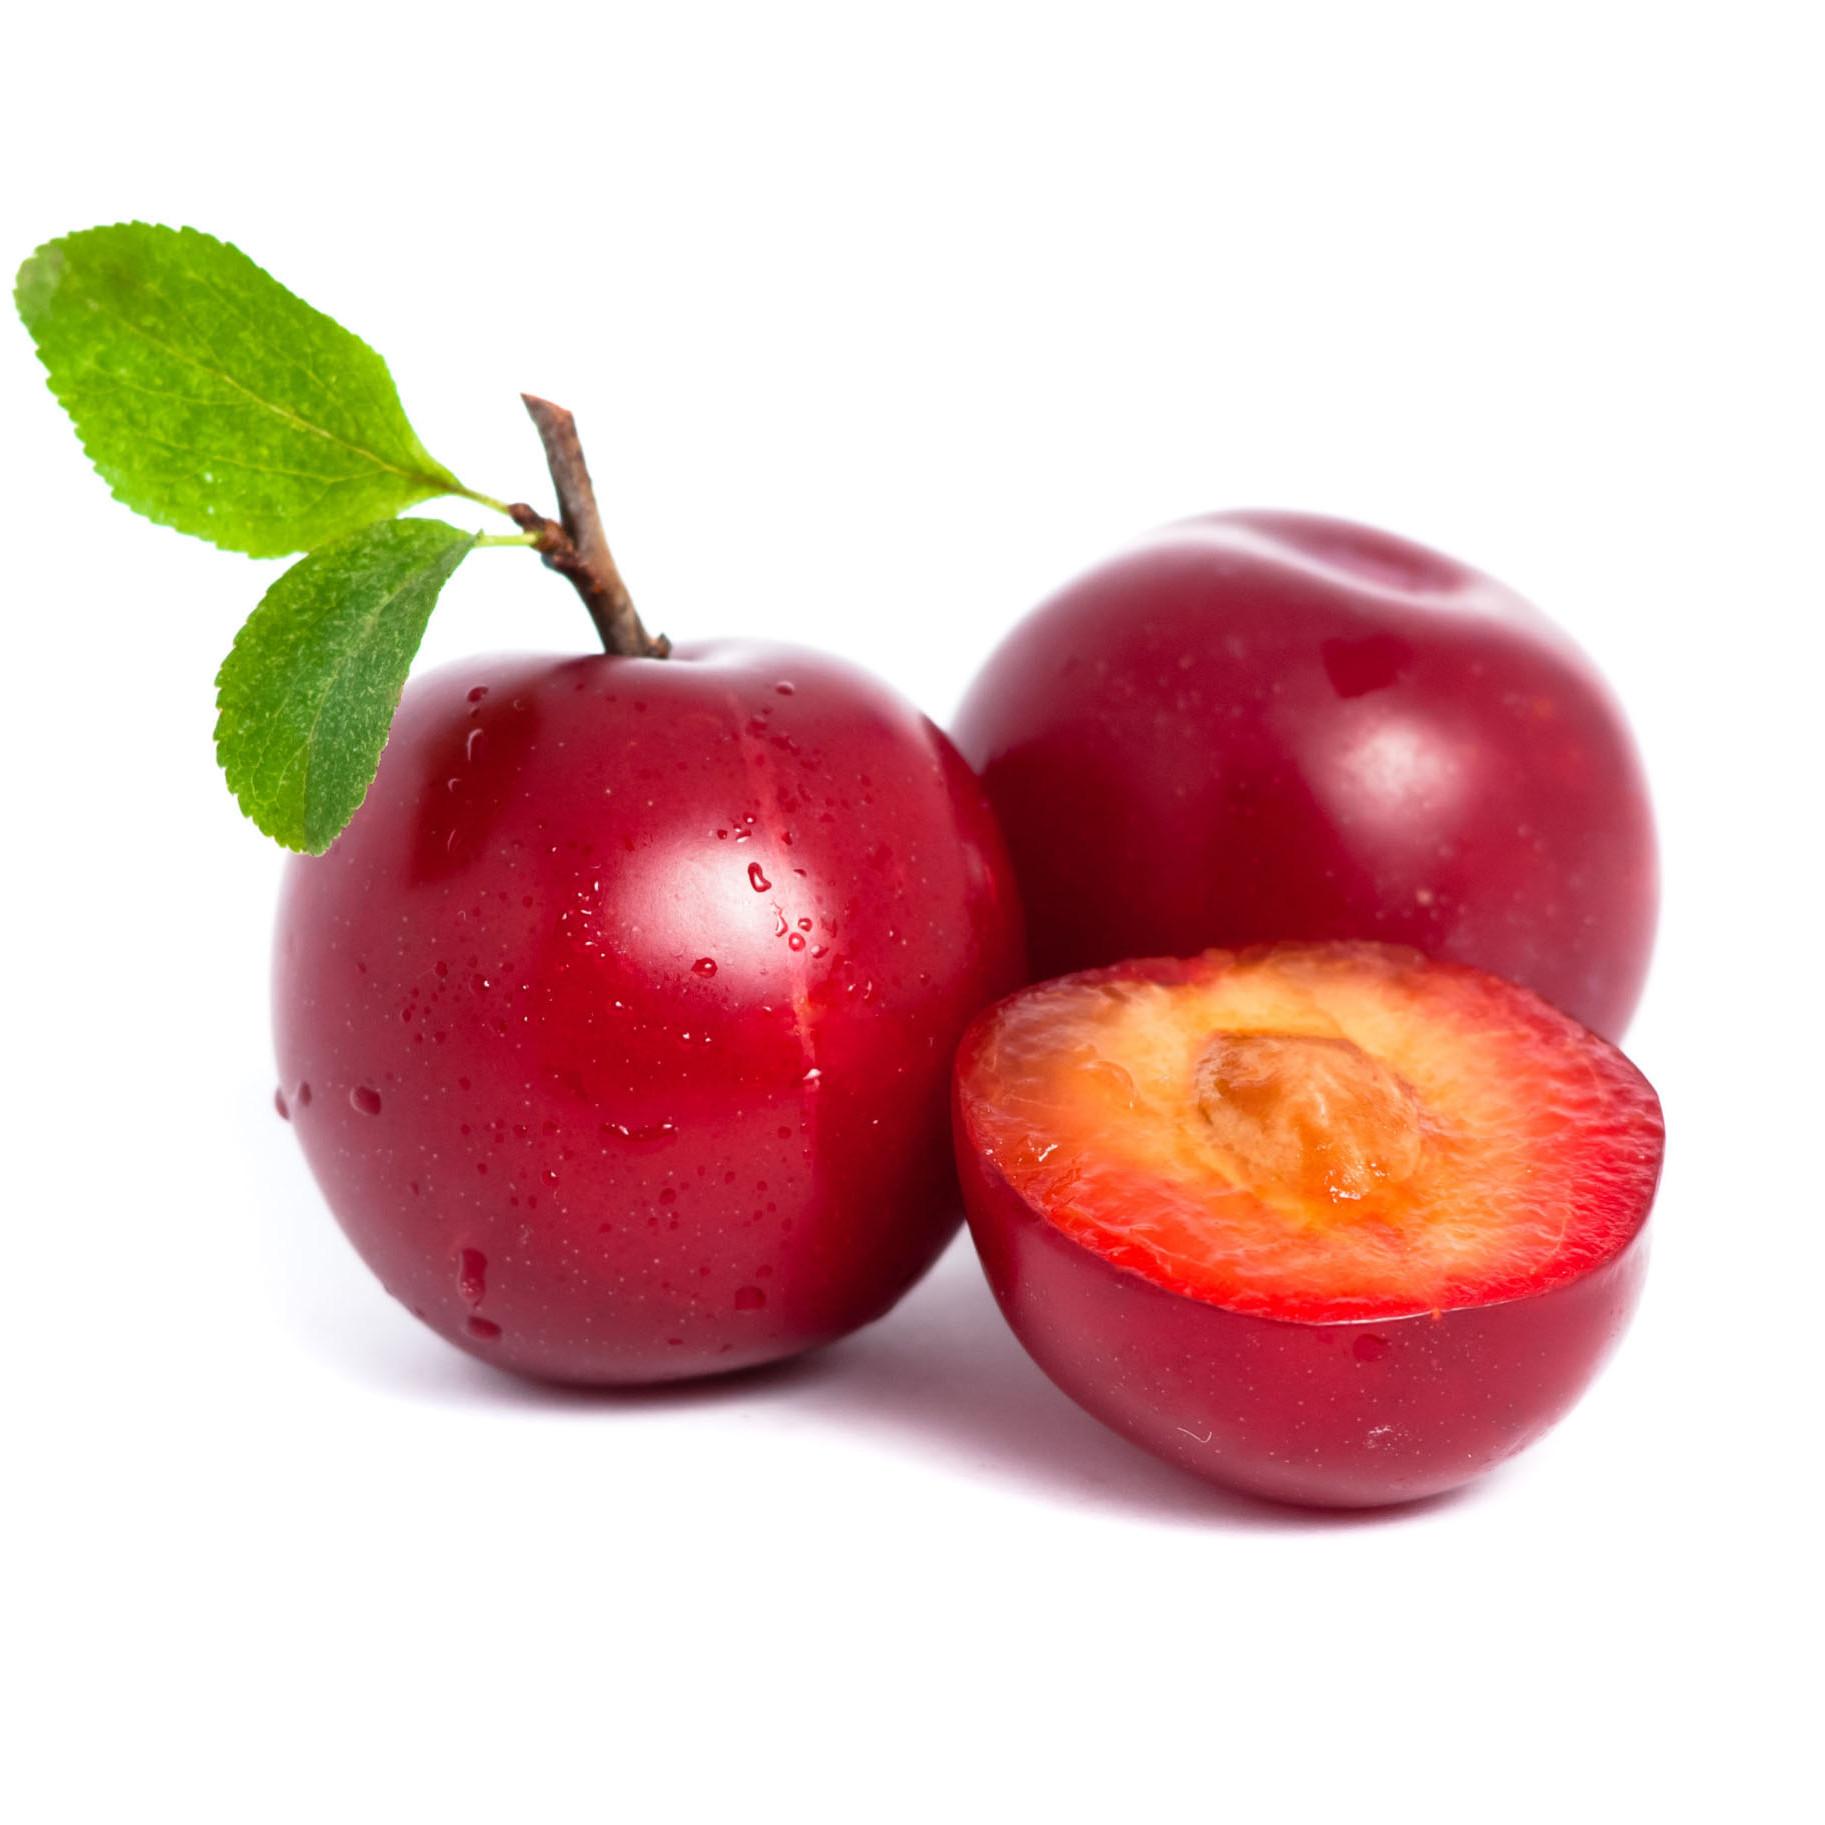 Valor nutricional de la furta: Ciruela